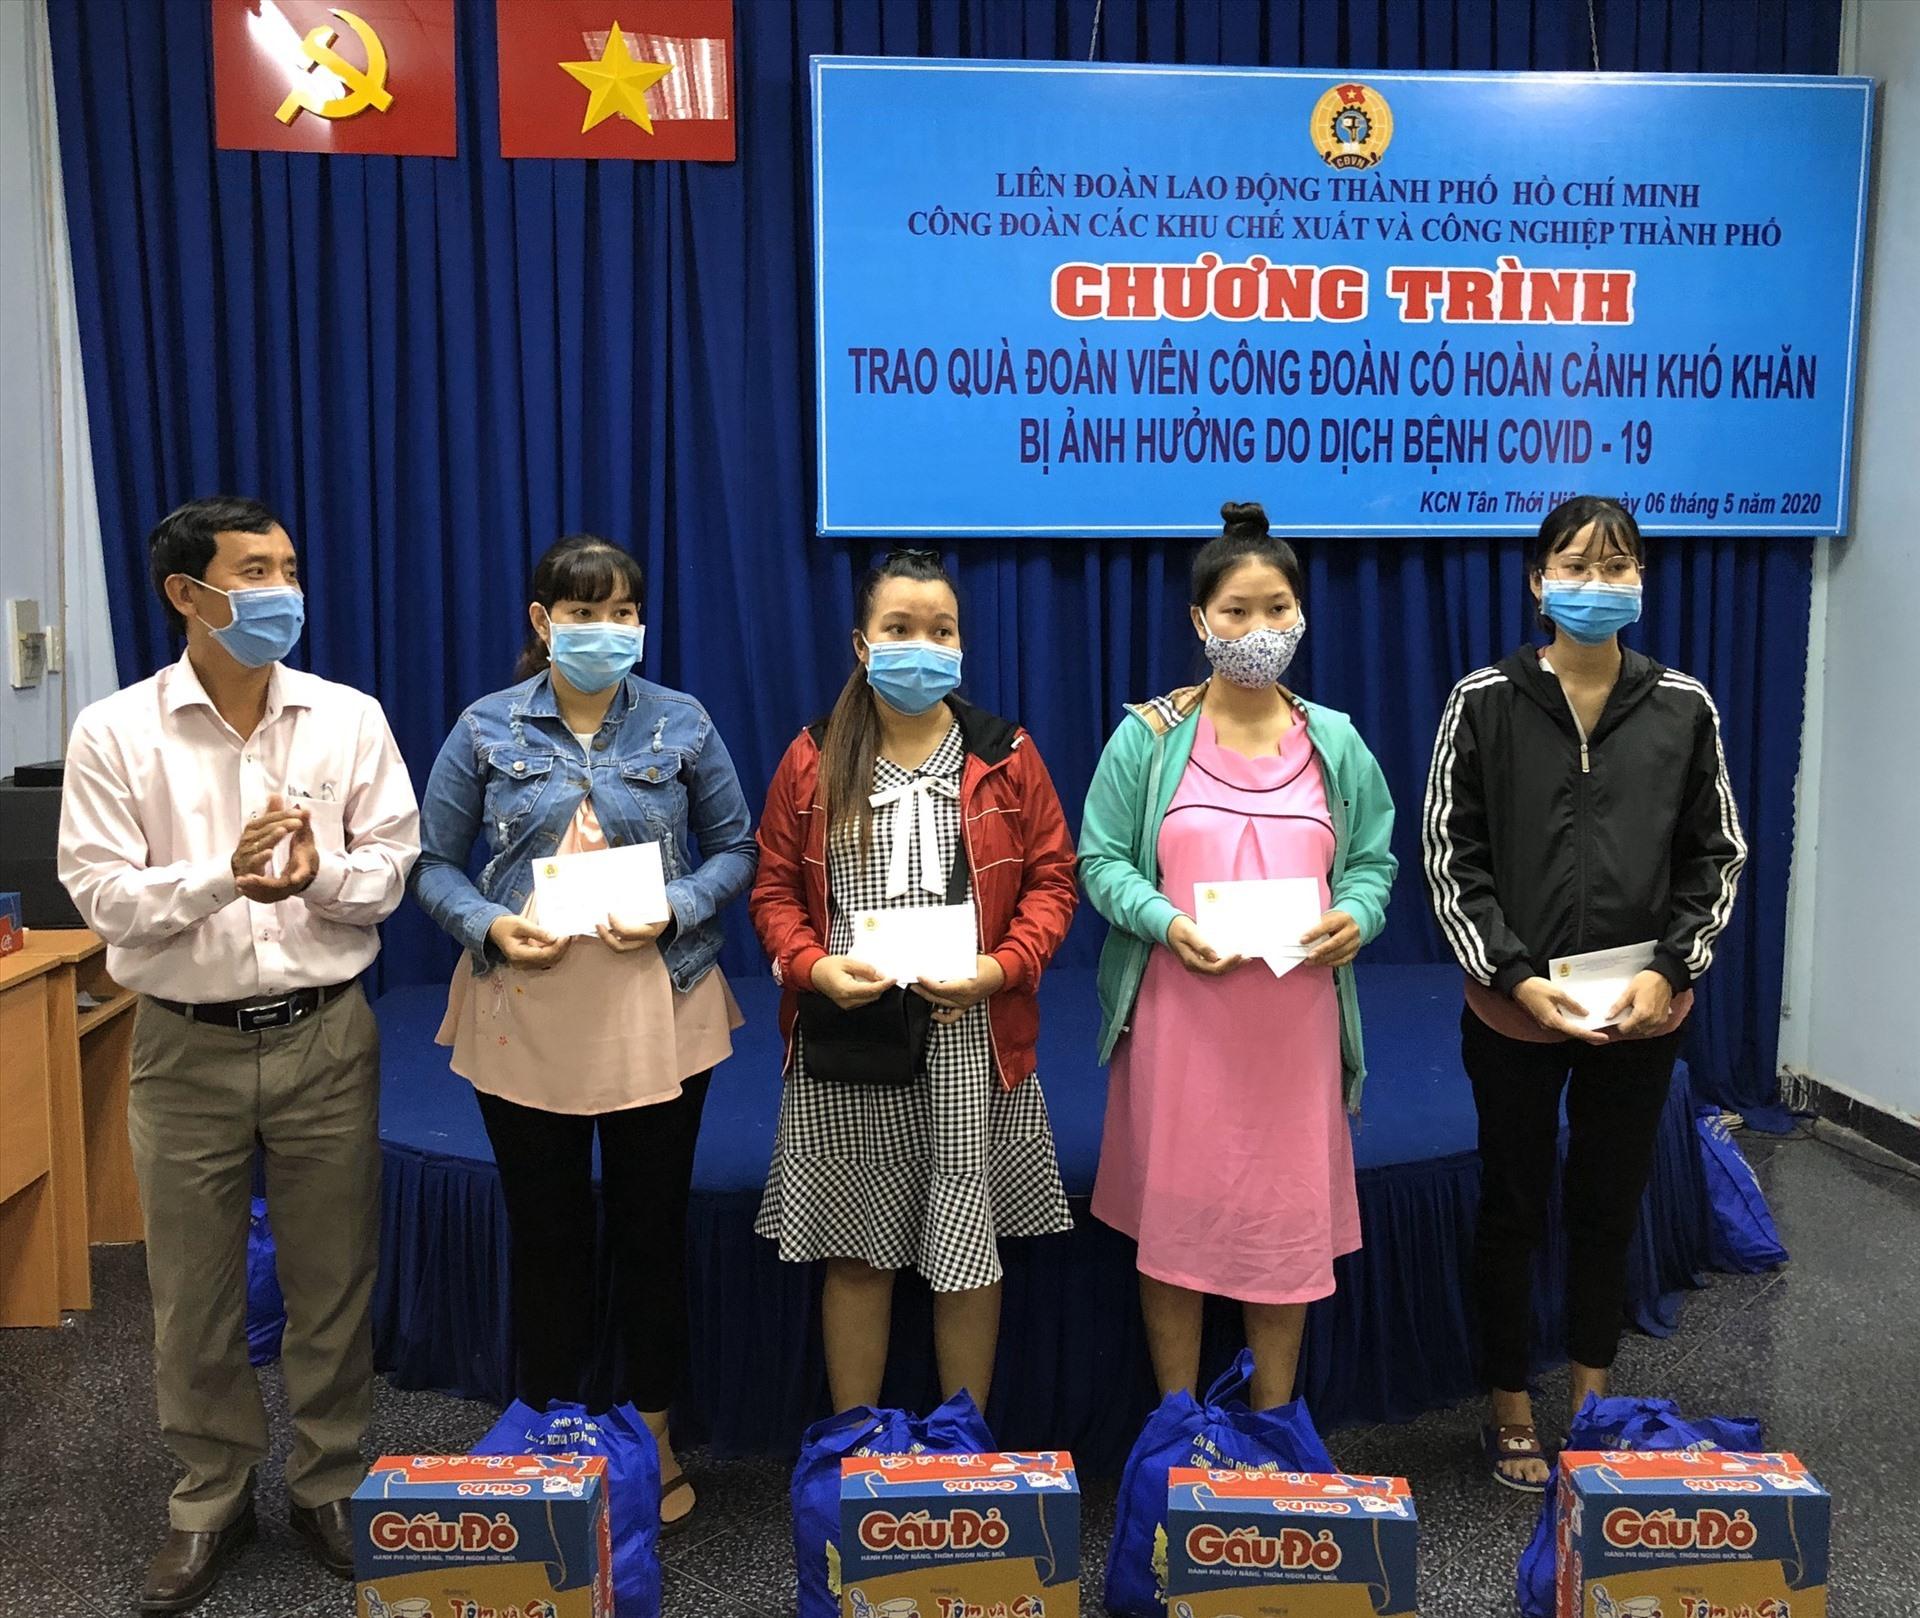 Công đoàn các KCX&CN TPHCM hỗ trợ lao động nữ bị ảnh hưởng việc làm do dịch COVID-19. Ảnh Thu Hà.